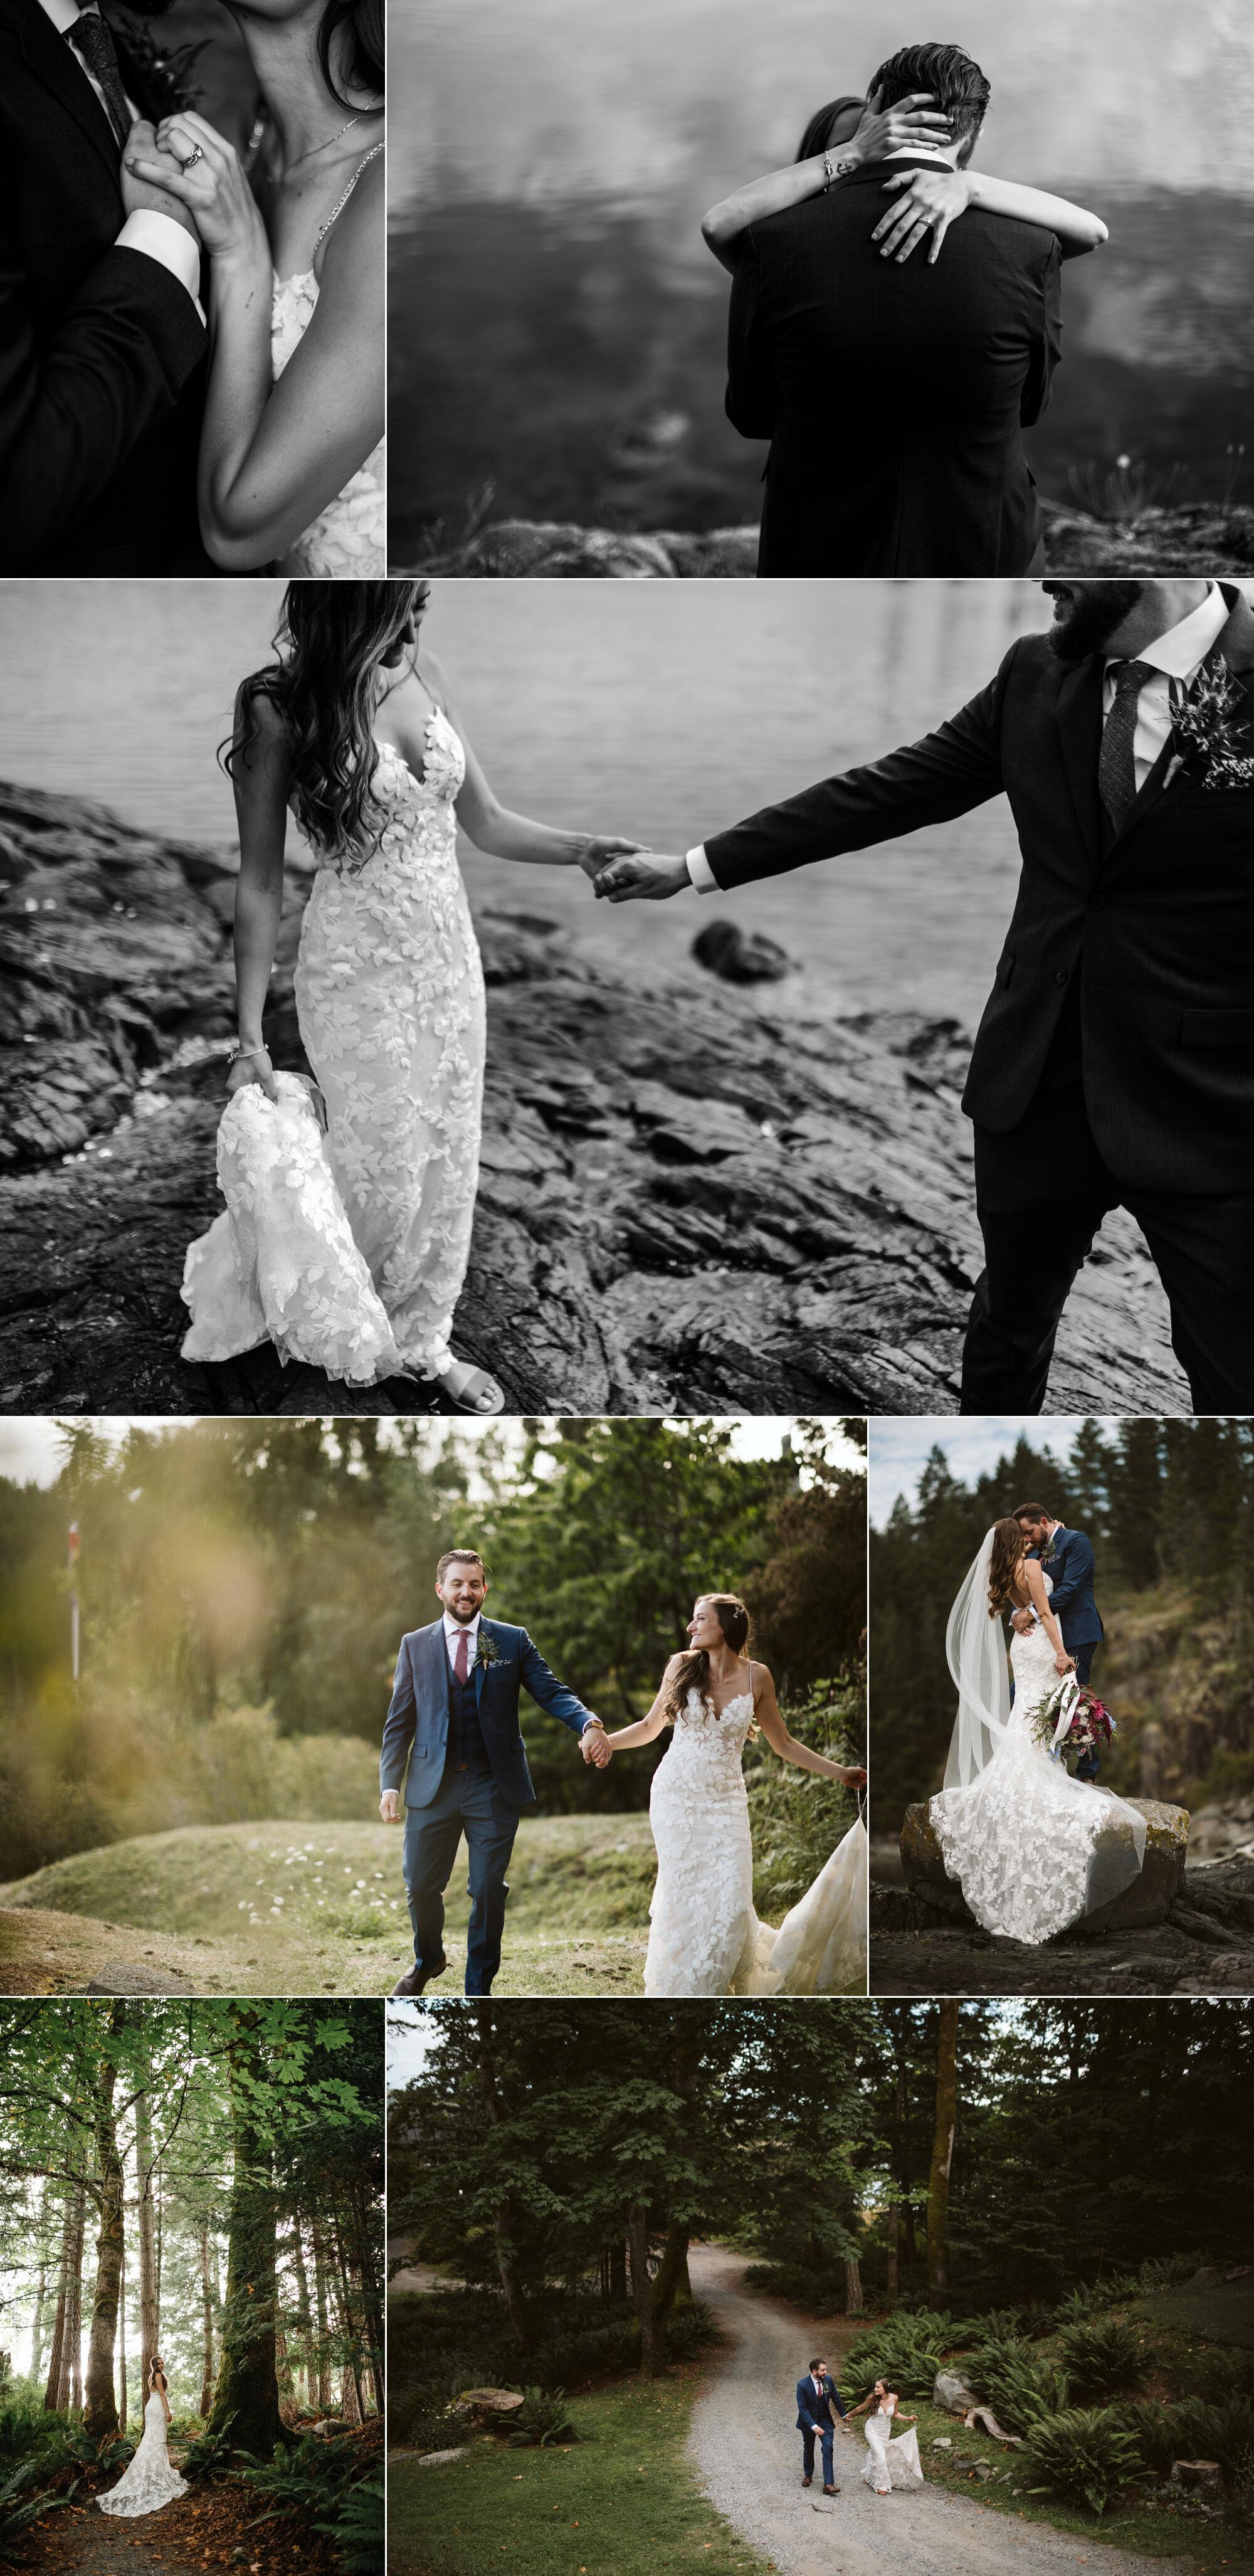 188金宝博线上平台一个结婚的照片